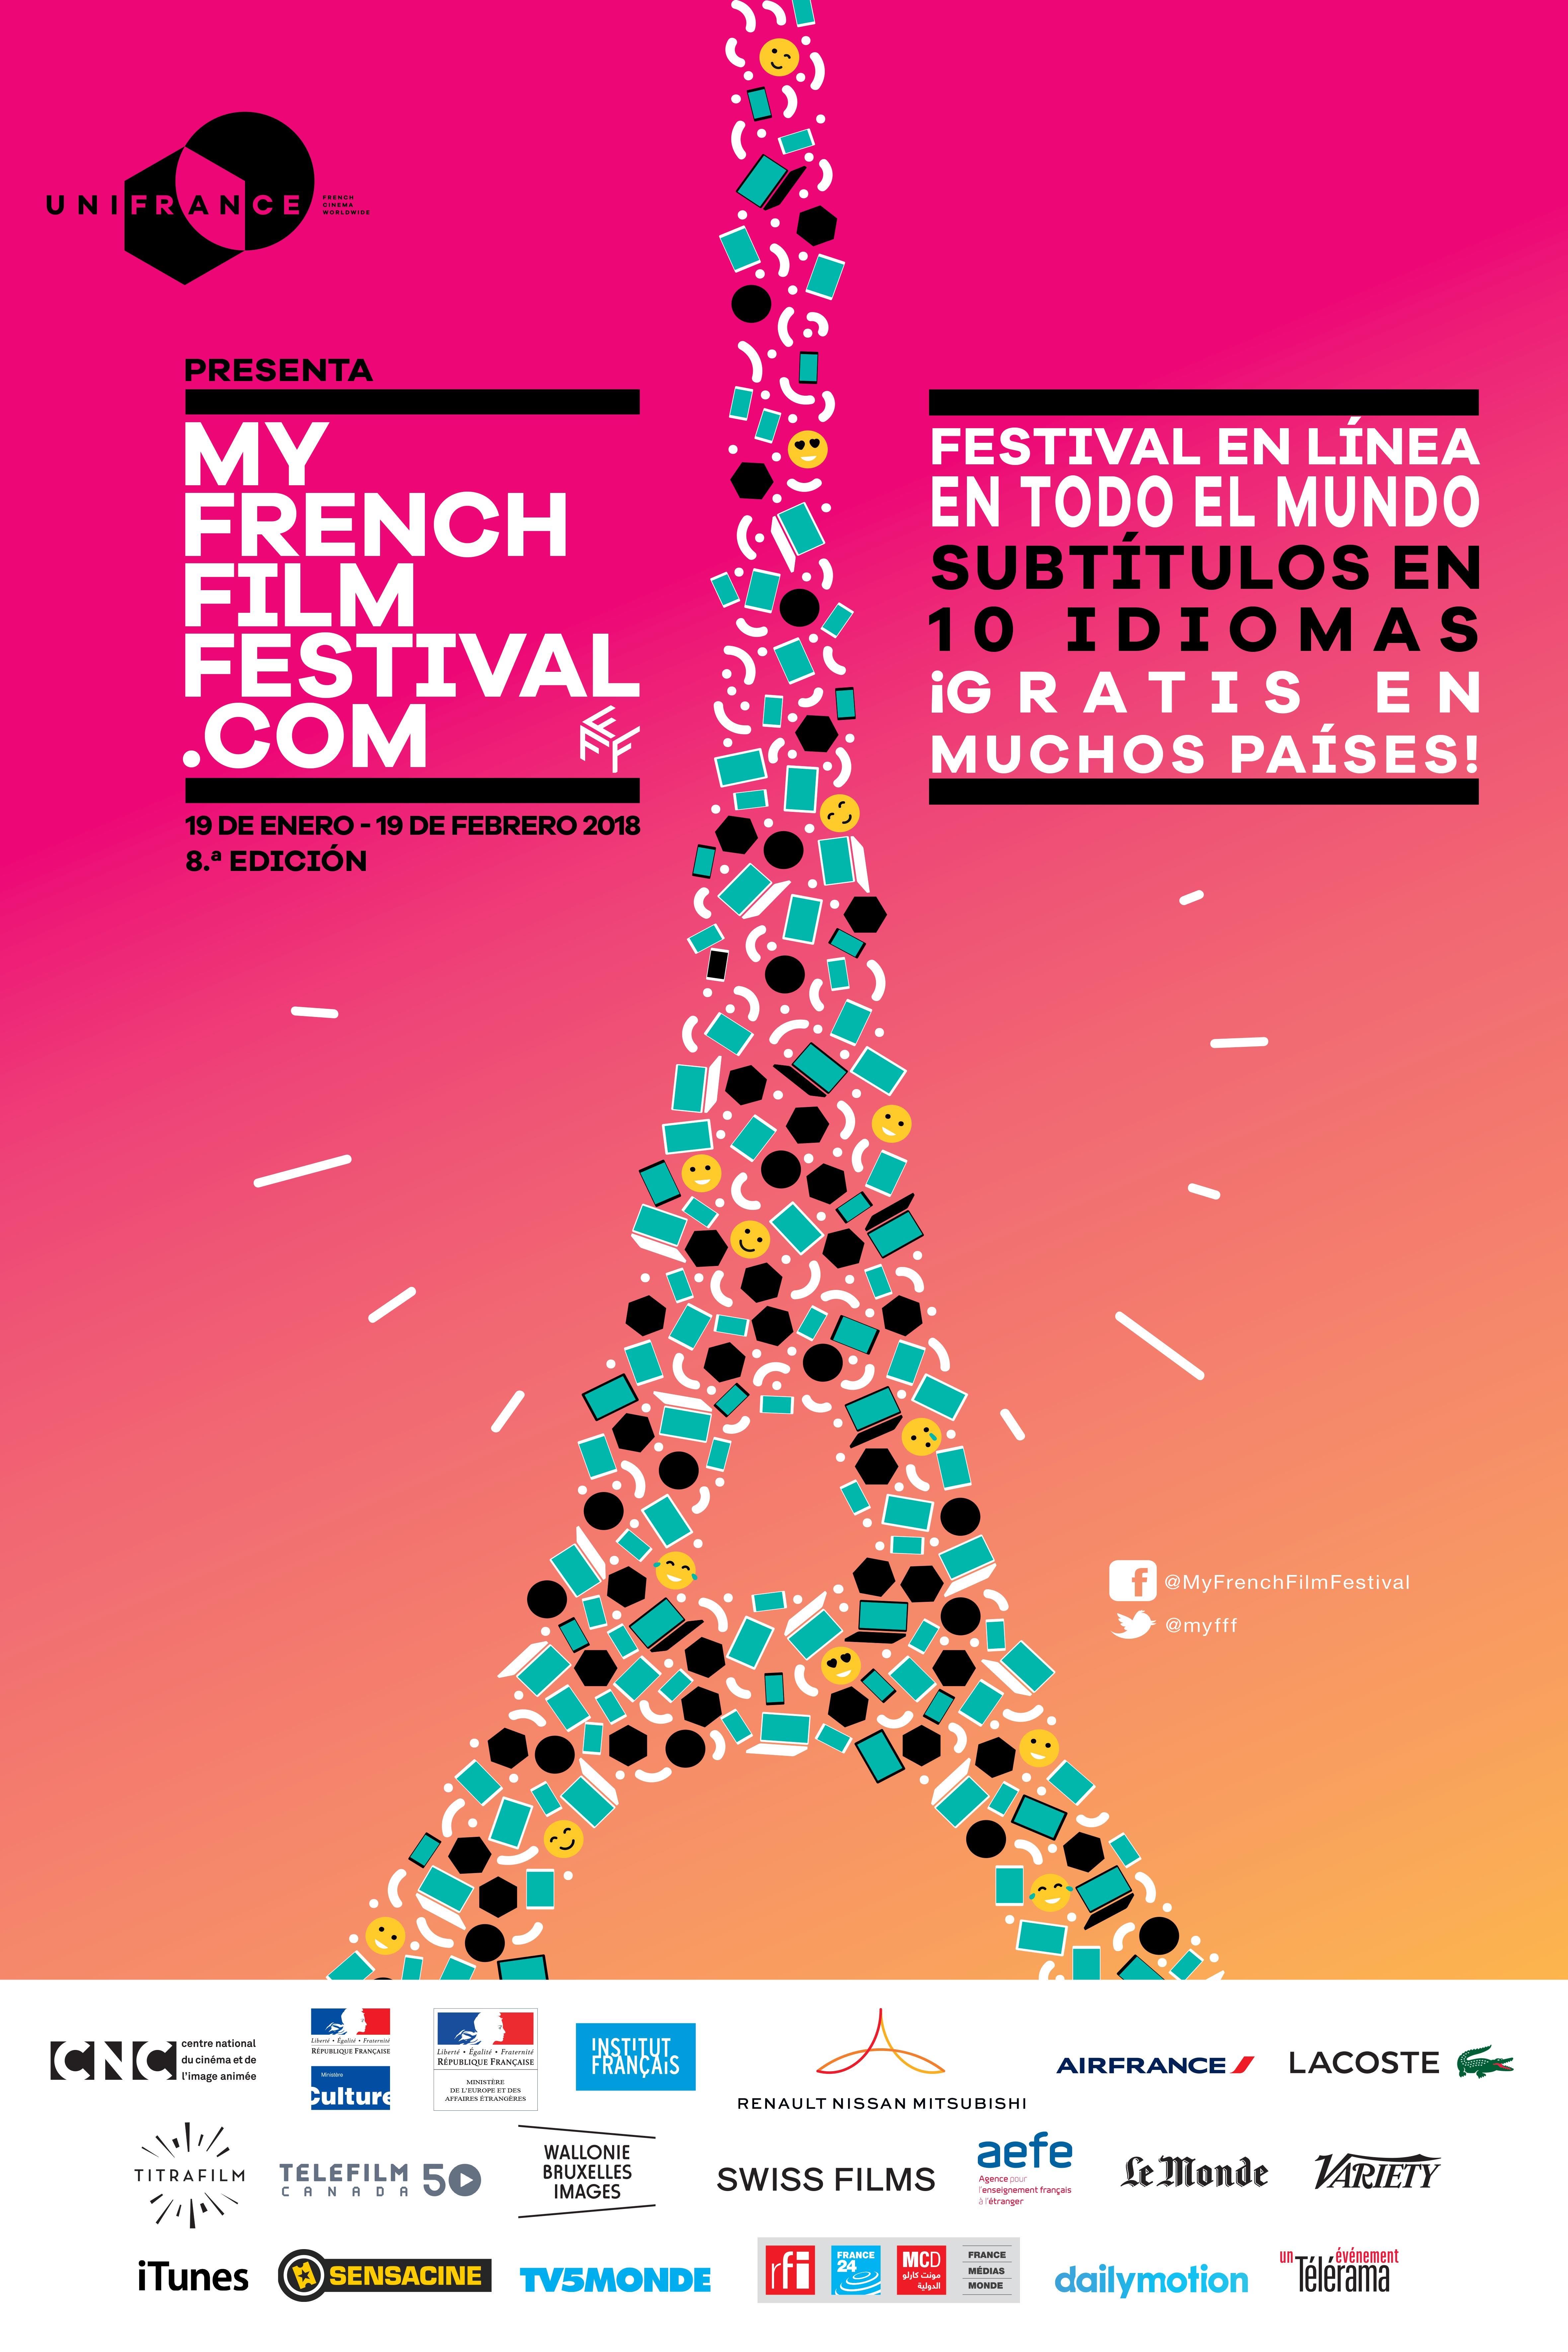 MyFrenchFilmFestival.com es un concepto inédito ideado para dar visibilidad a la joven generación de cineastas franceses y la posibilidad a los internautas del mundo entero de compartir el amor que sienten por el cine francés. En esta octava edición, vuelve el festival con nuevas películas, nuevas plataformas asociadas y estrenos en las salas en varios territorios.